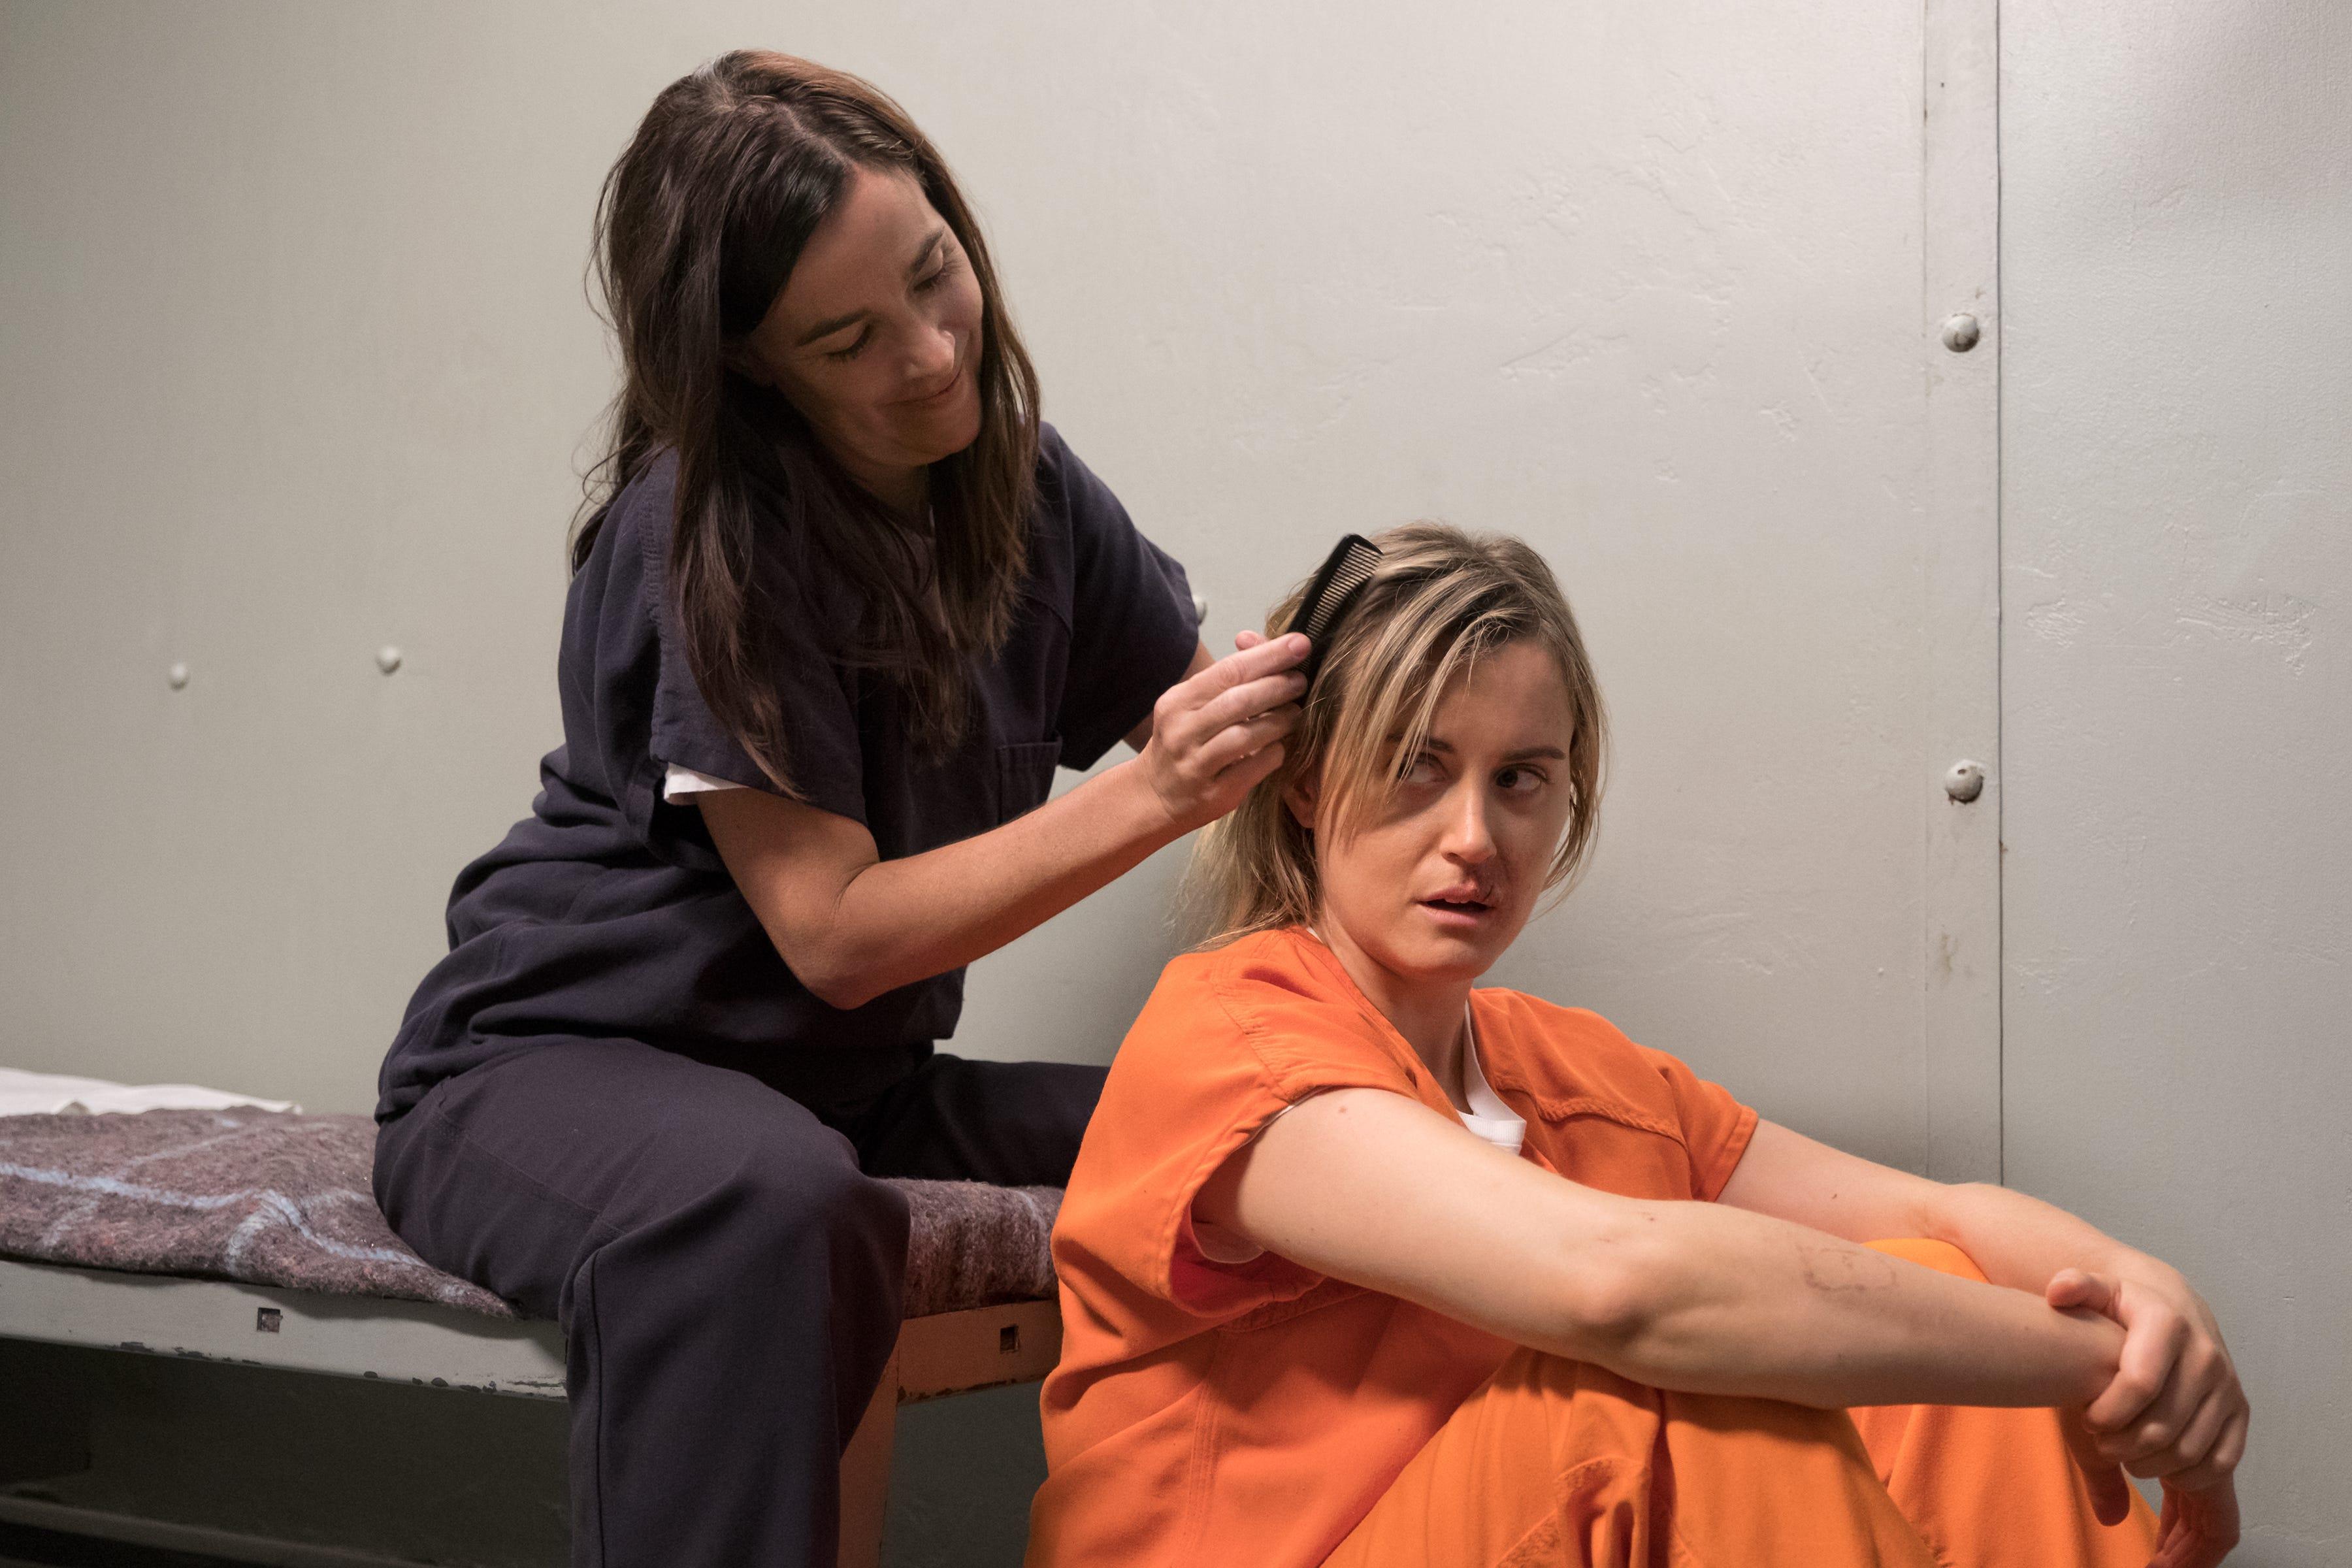 Mature lesbian jail, ruby red ass scorevideos